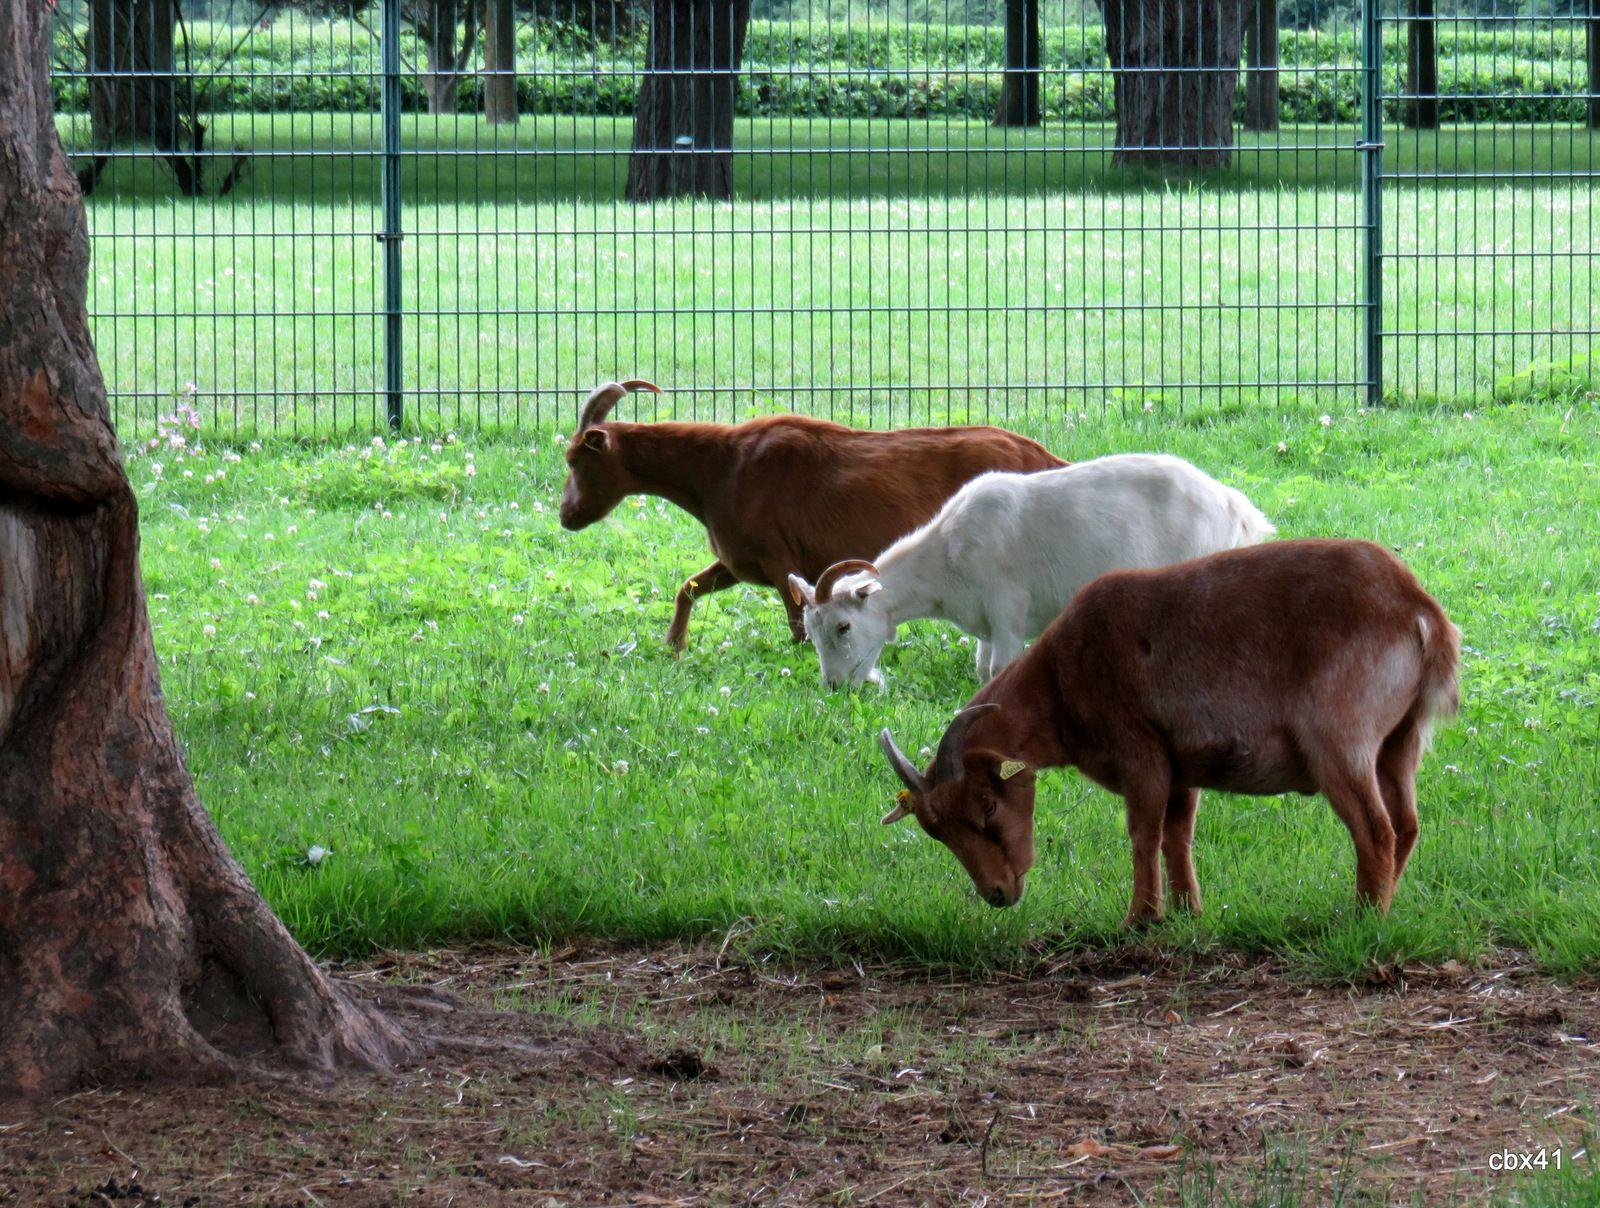 Les chèvres de la mini-ferme du parc Corbière, Le Pecq (Yvelines)